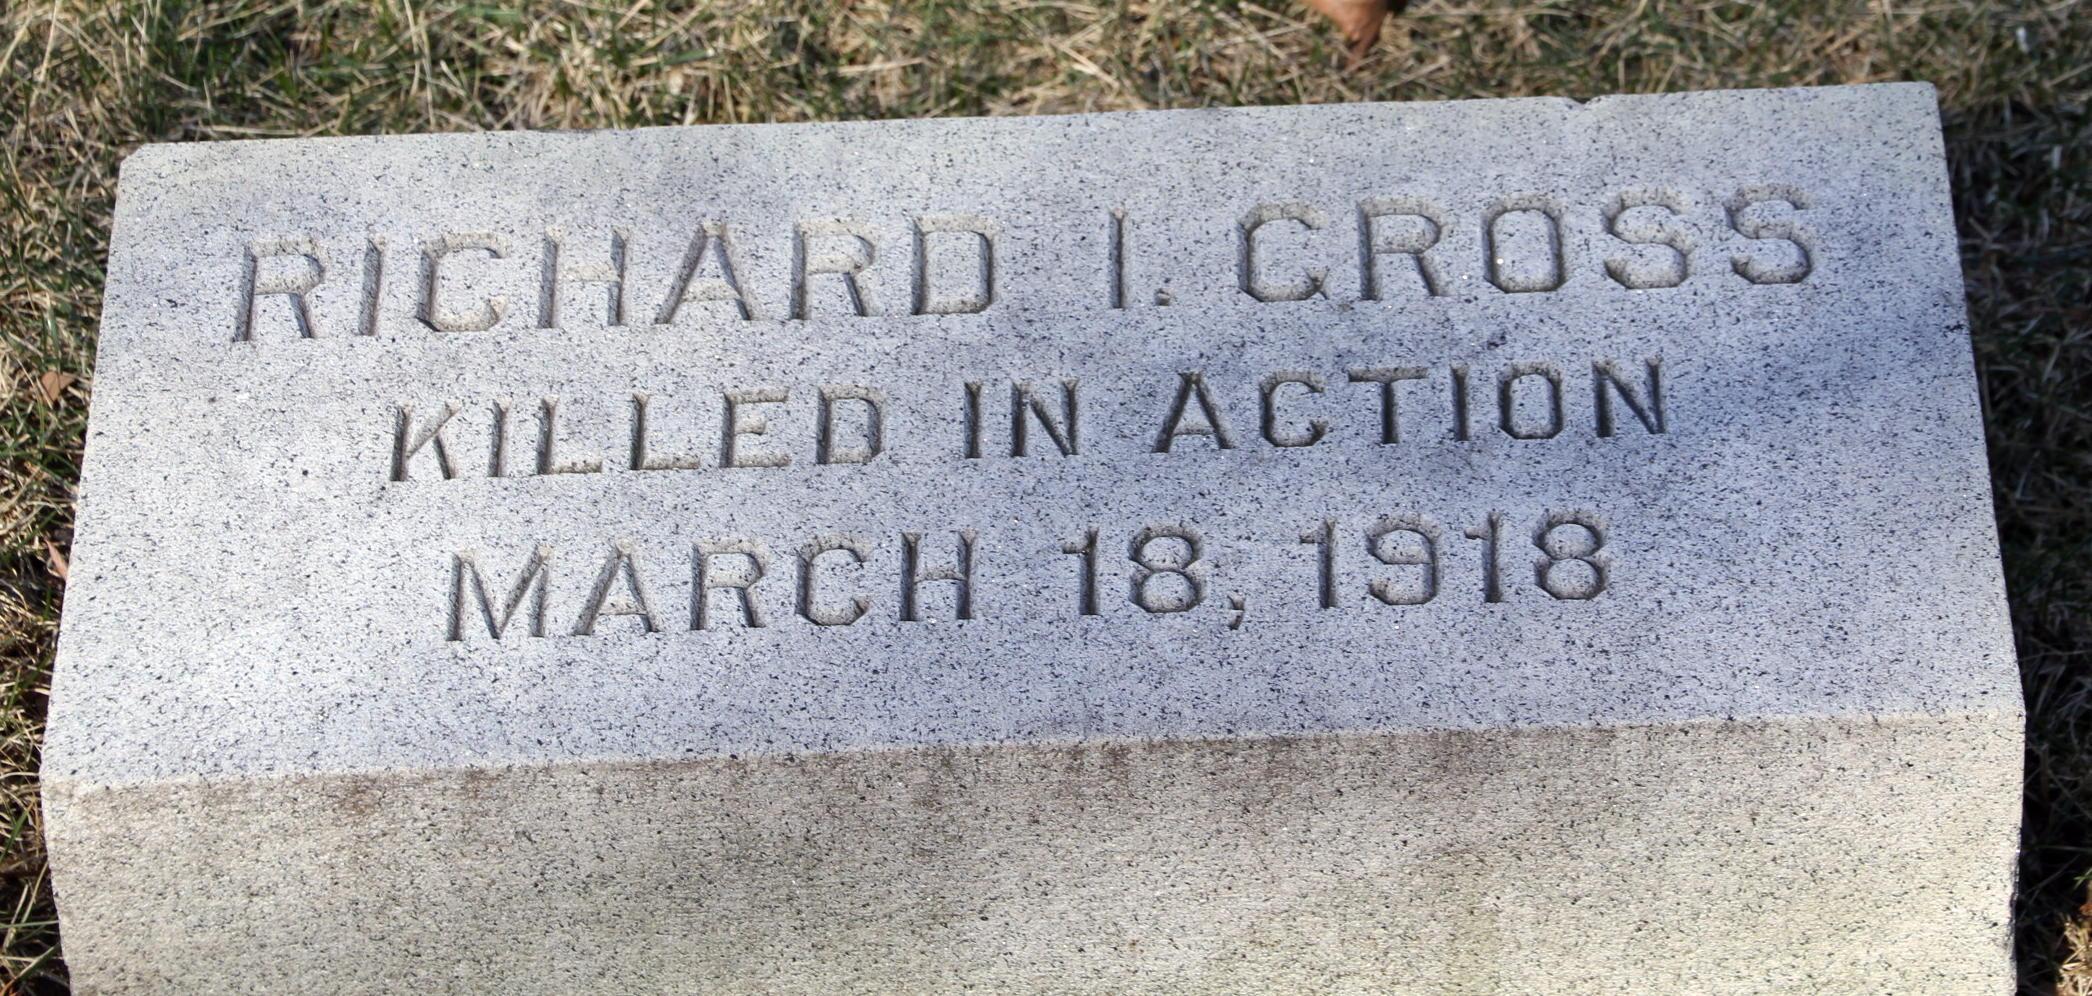 Pvt Richard Gross